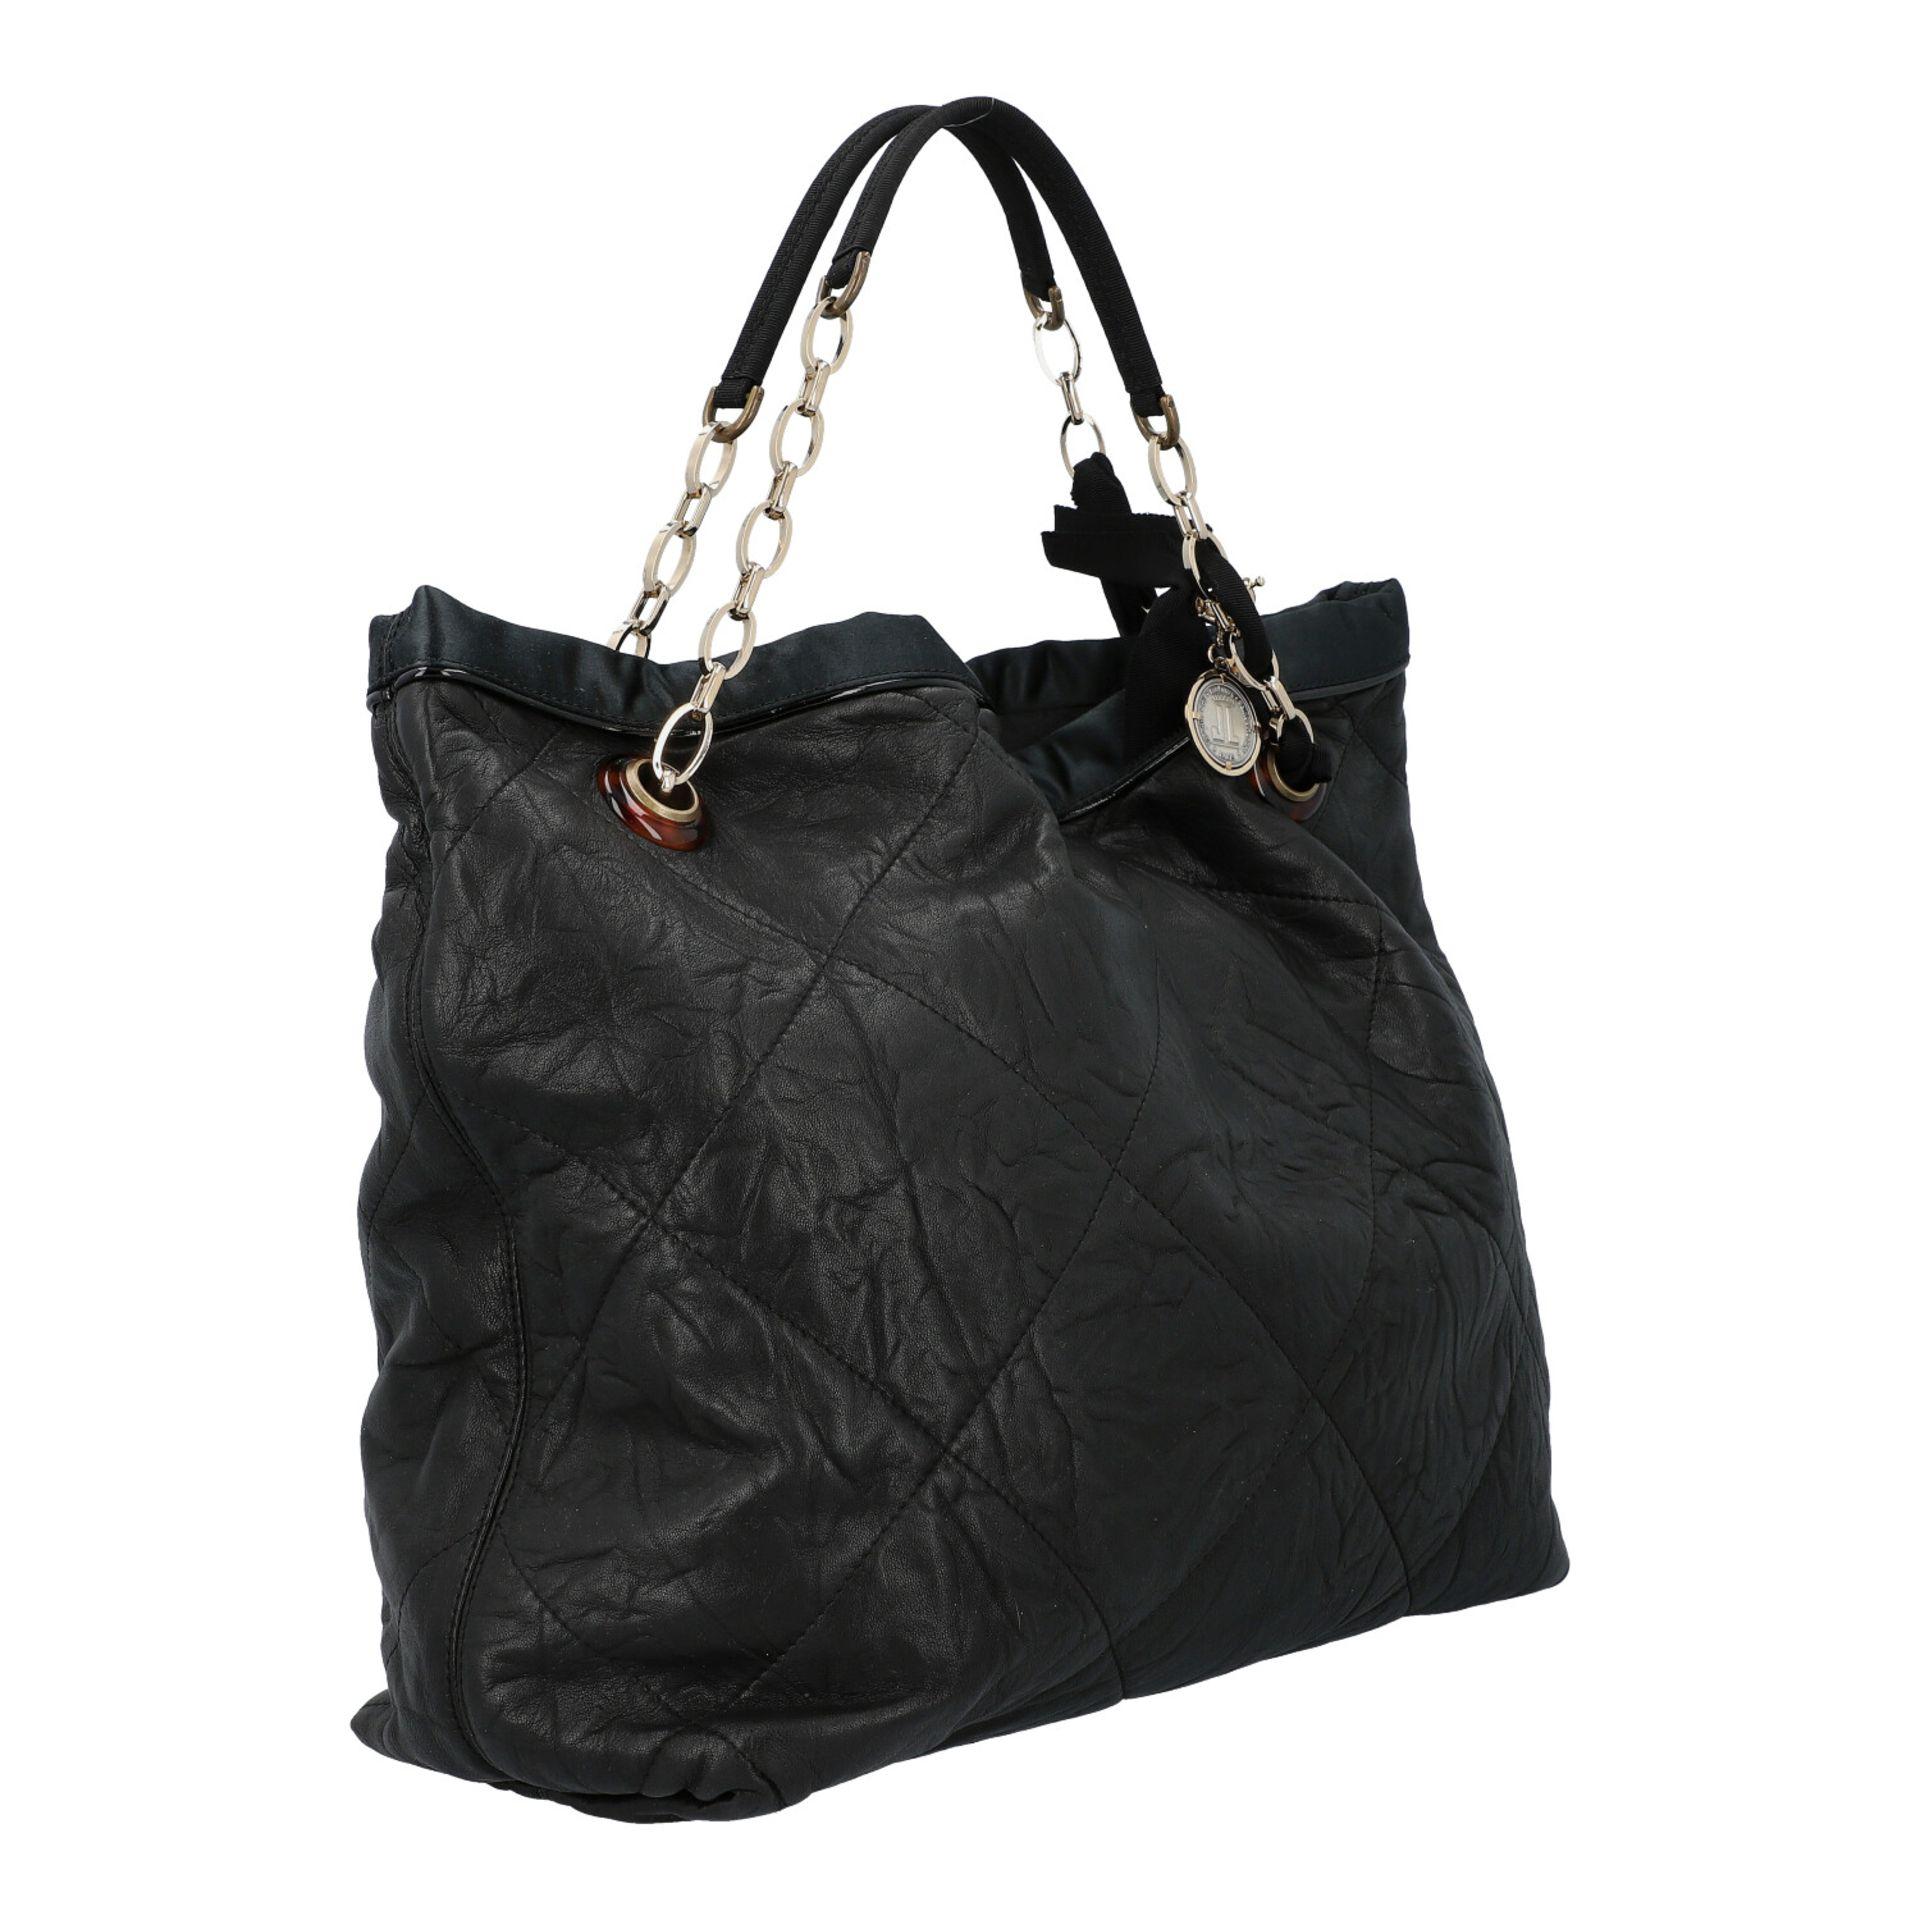 LANVIN Shoppertasche. Softes Leder in Schwarz mit Rautensteppung und dekorativen Trage - Image 2 of 8